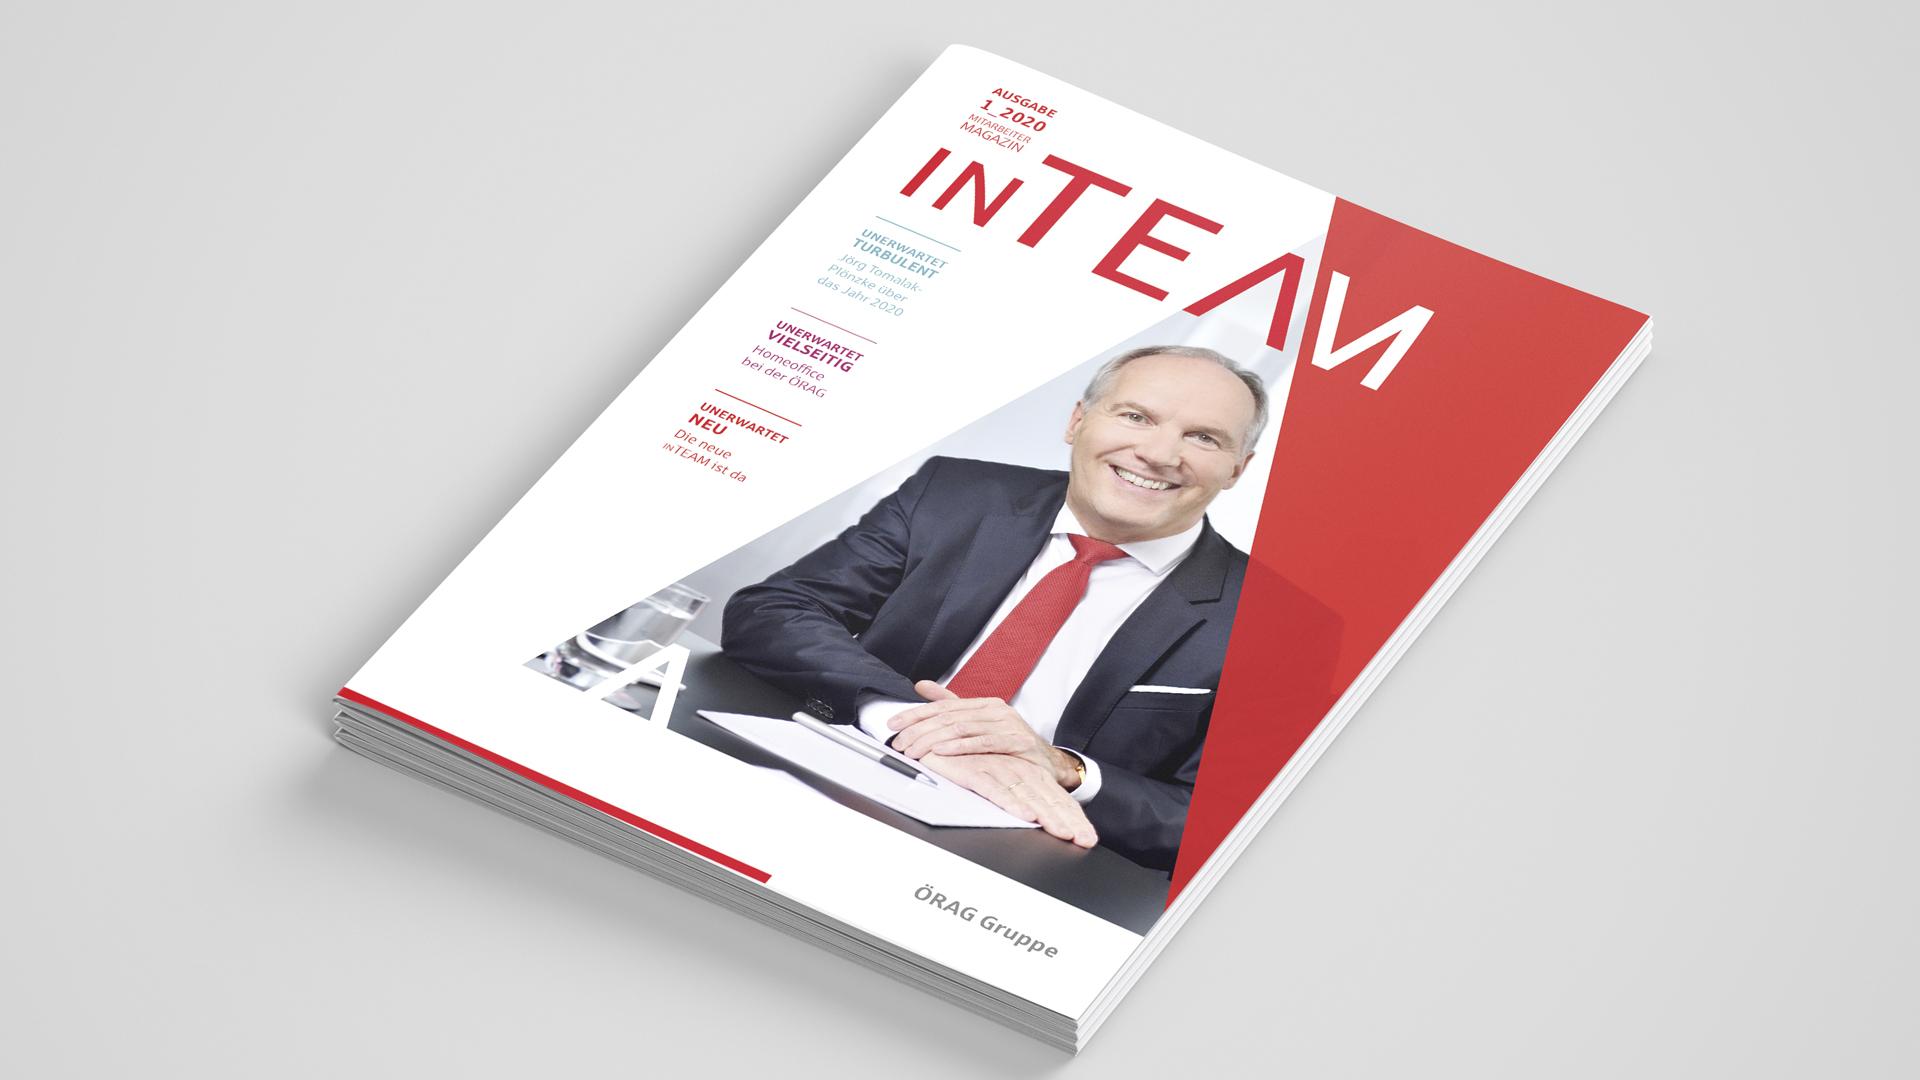 Corporate Publishing – Das neue Mitarbeitermagazin der ÖRAG Gruppe, Titelseite